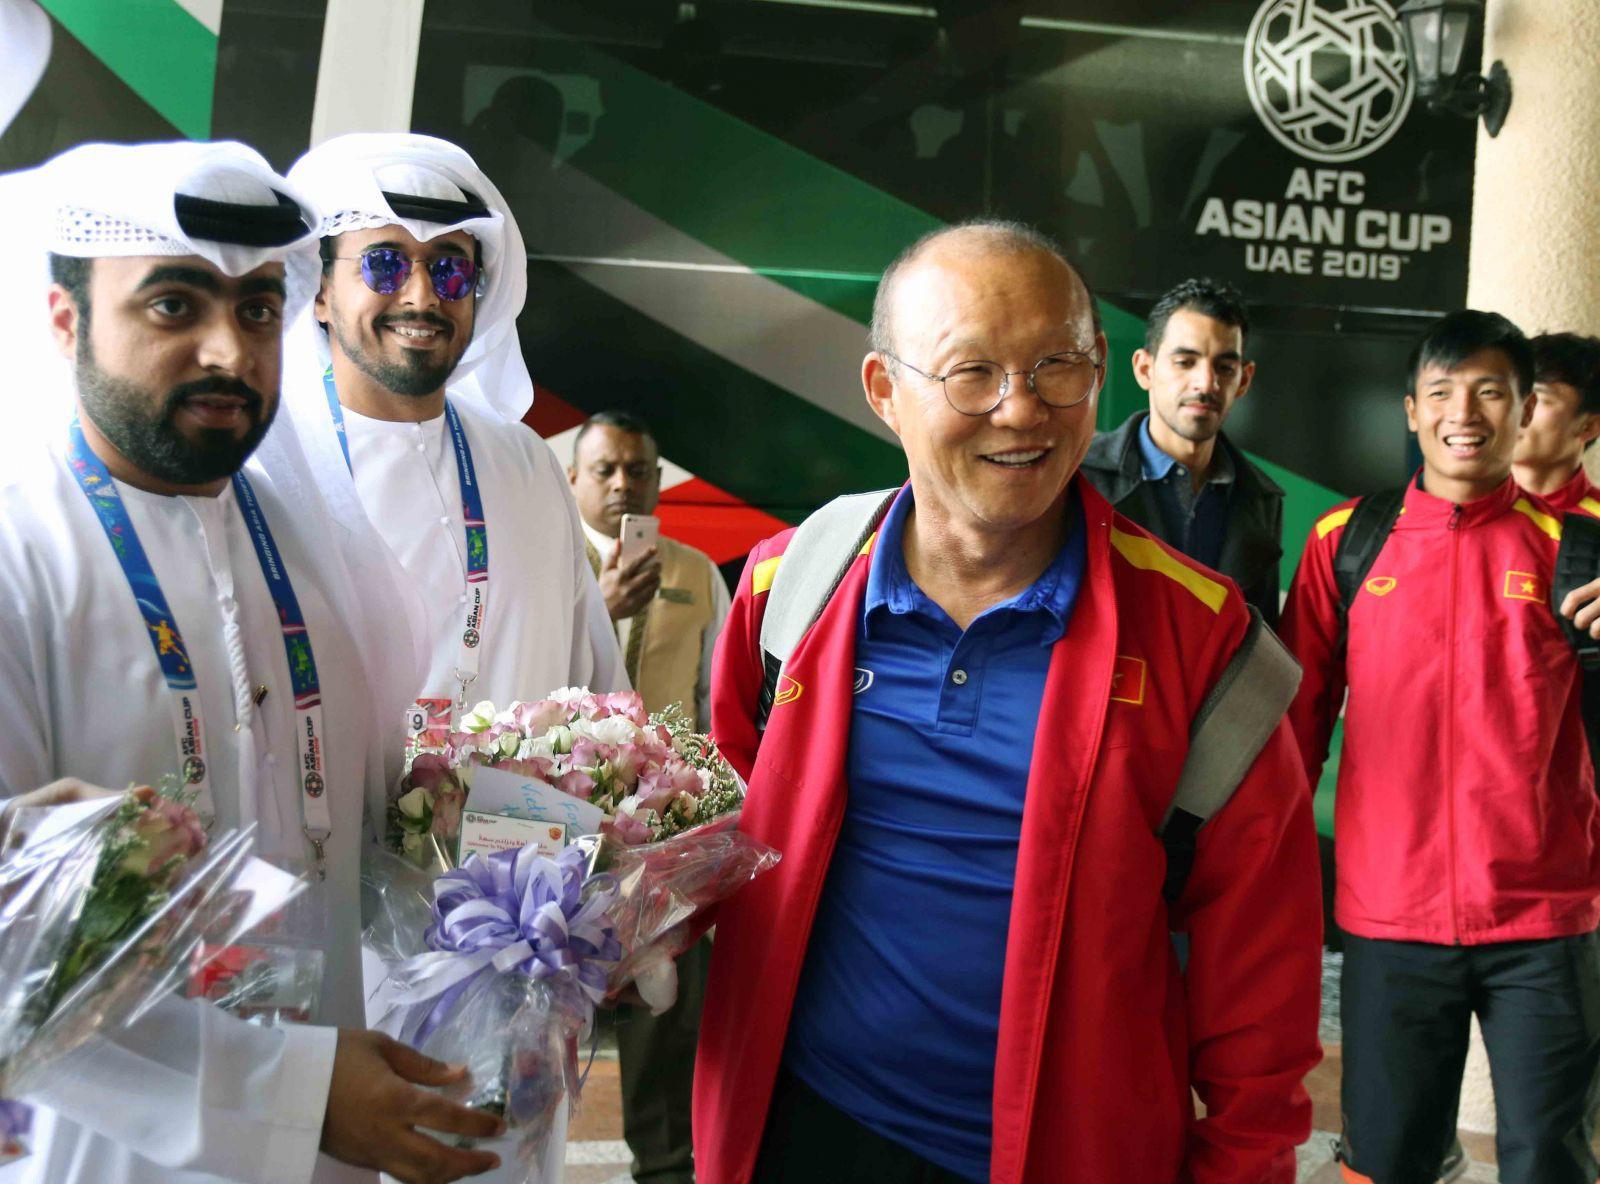 Trước trận quyết đấu Yemen, tuyển Việt Nam chuyển tới ở resort sang chảnh bậc nhất UAE-9